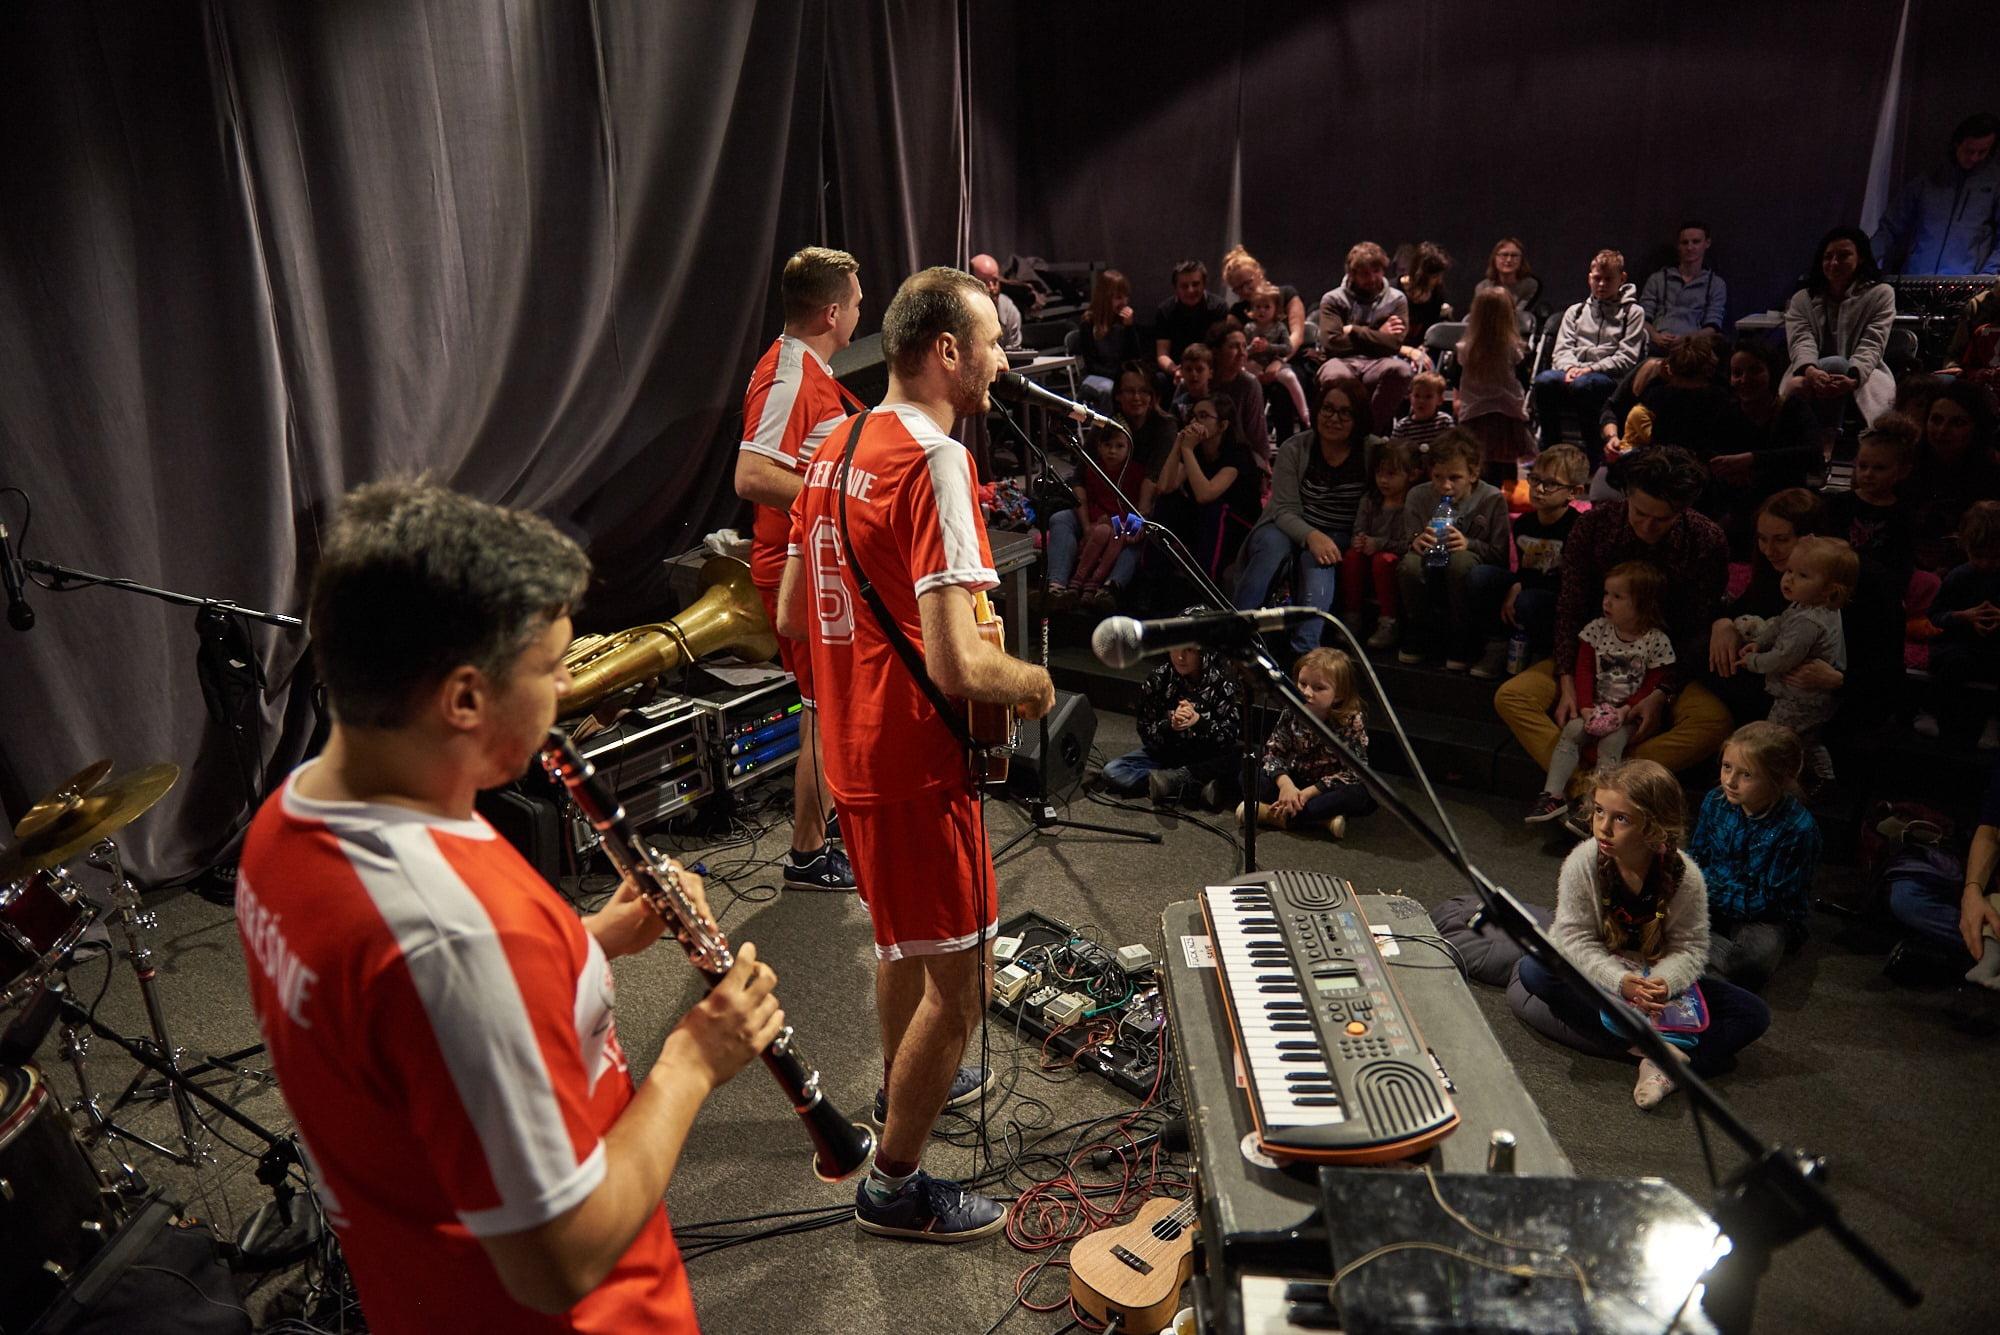 Zdjęcie trzech mężczyzn grających na instrumentach. W tle grupa dzieci i dorosłych.